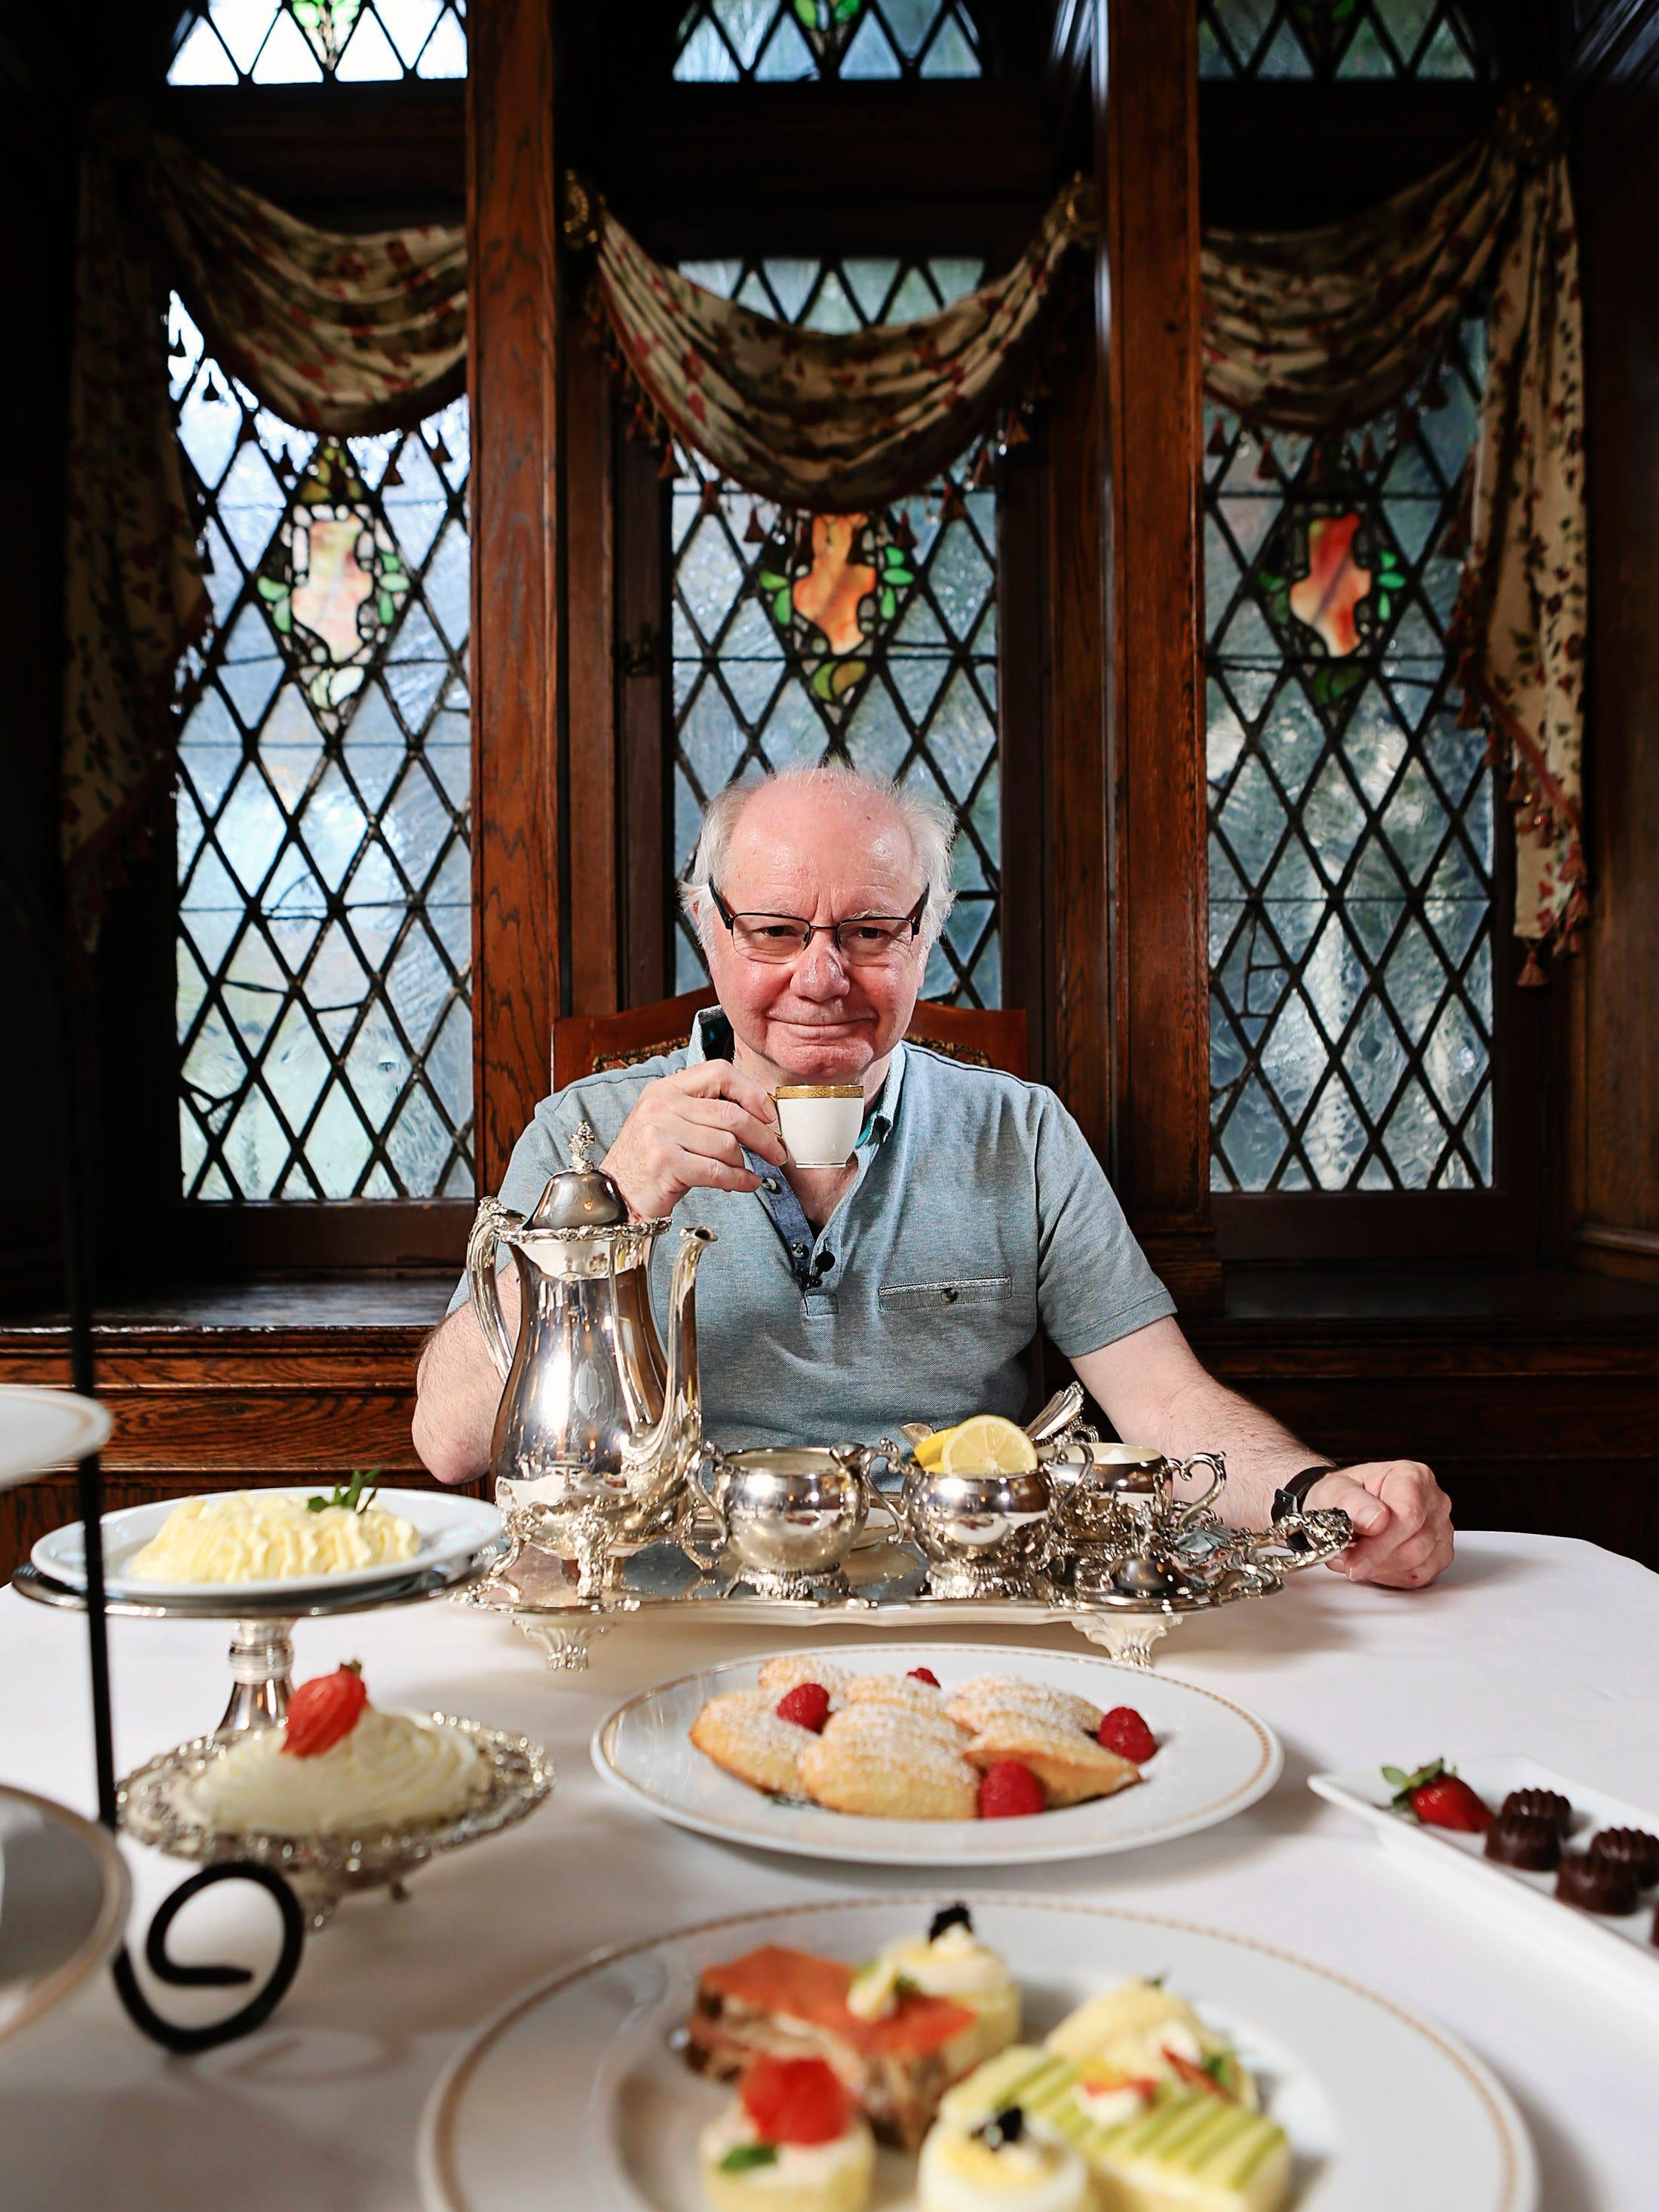 Queen S Butler Serves Up Tea Royal Gossip